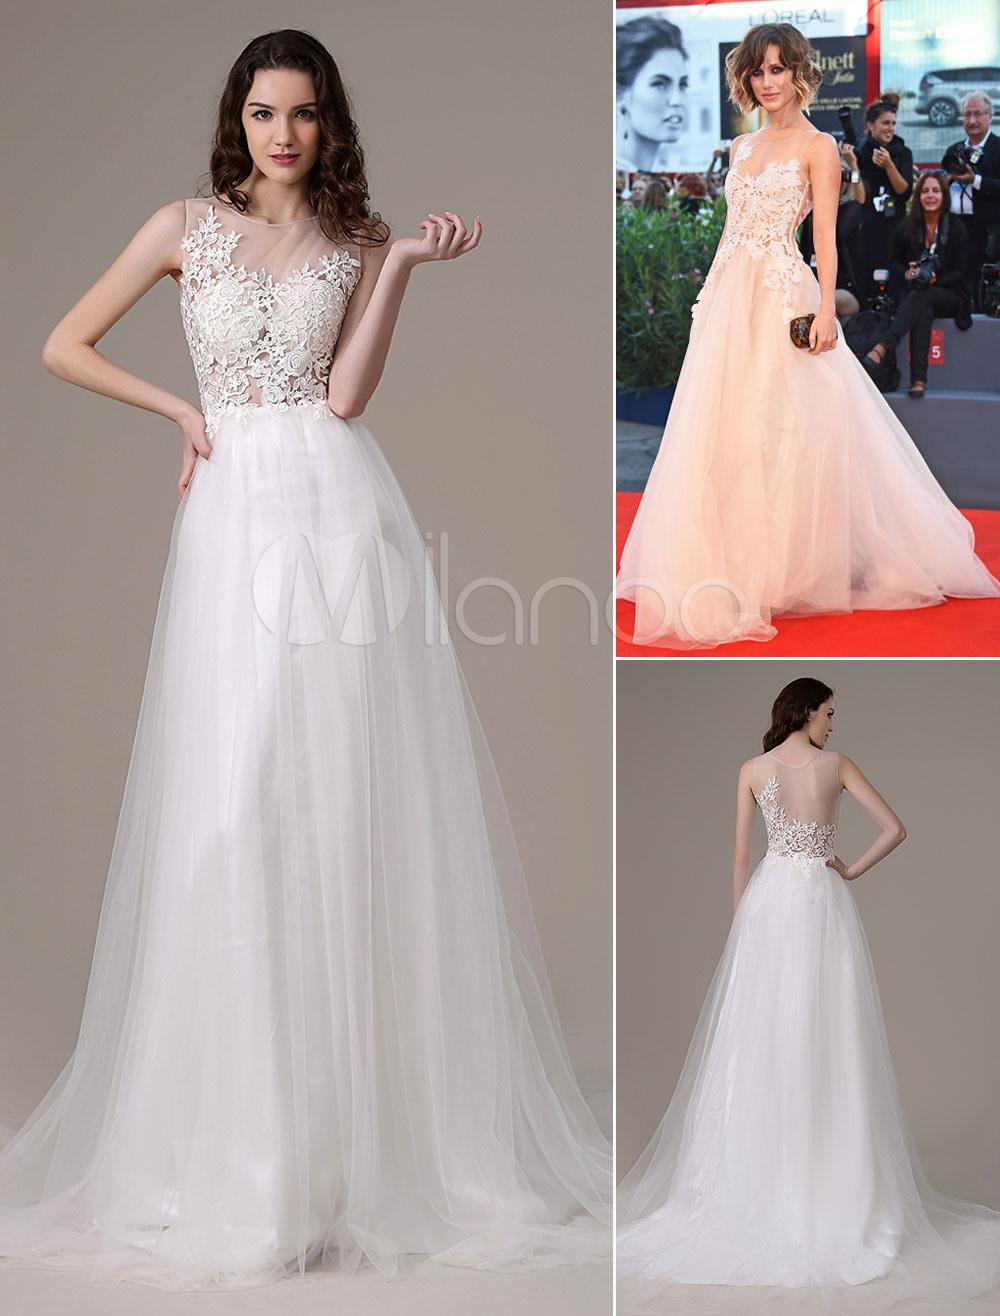 20 Ausgezeichnet Abendkleider Weiß Bester PreisDesigner Einfach Abendkleider Weiß für 2019